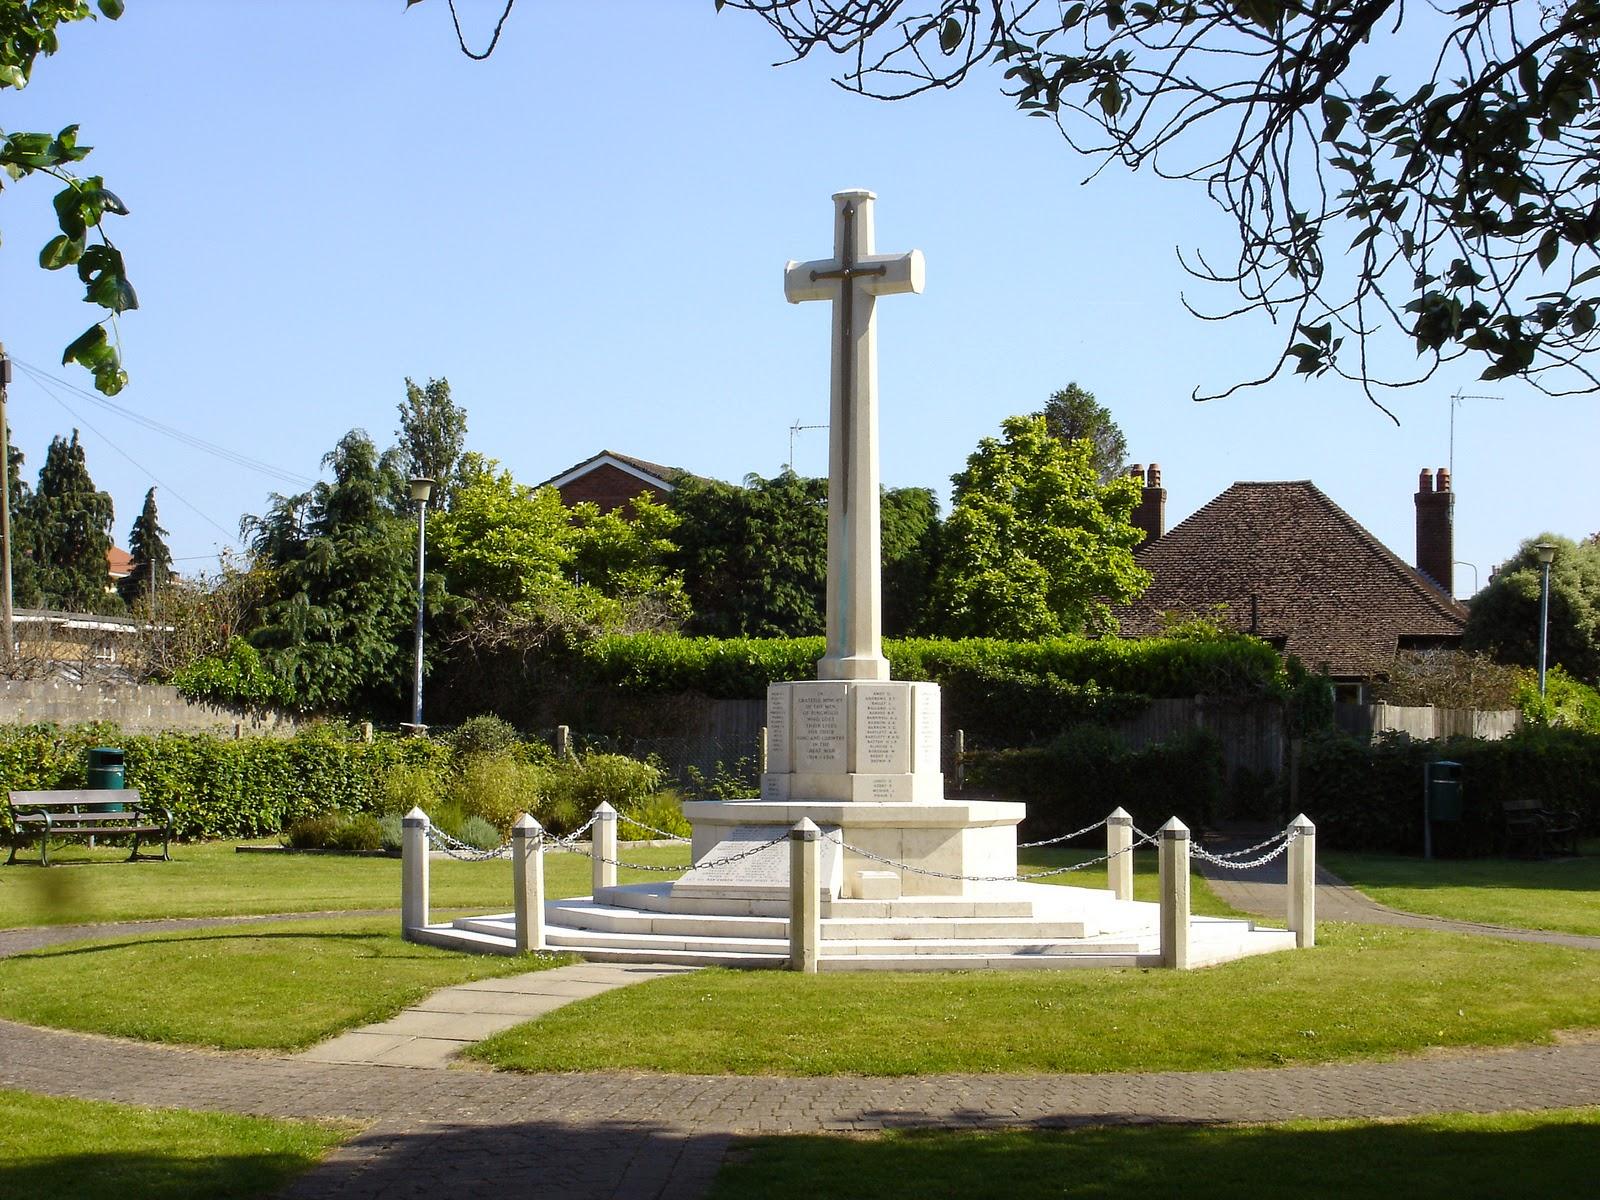 Ringwood War-Memorial